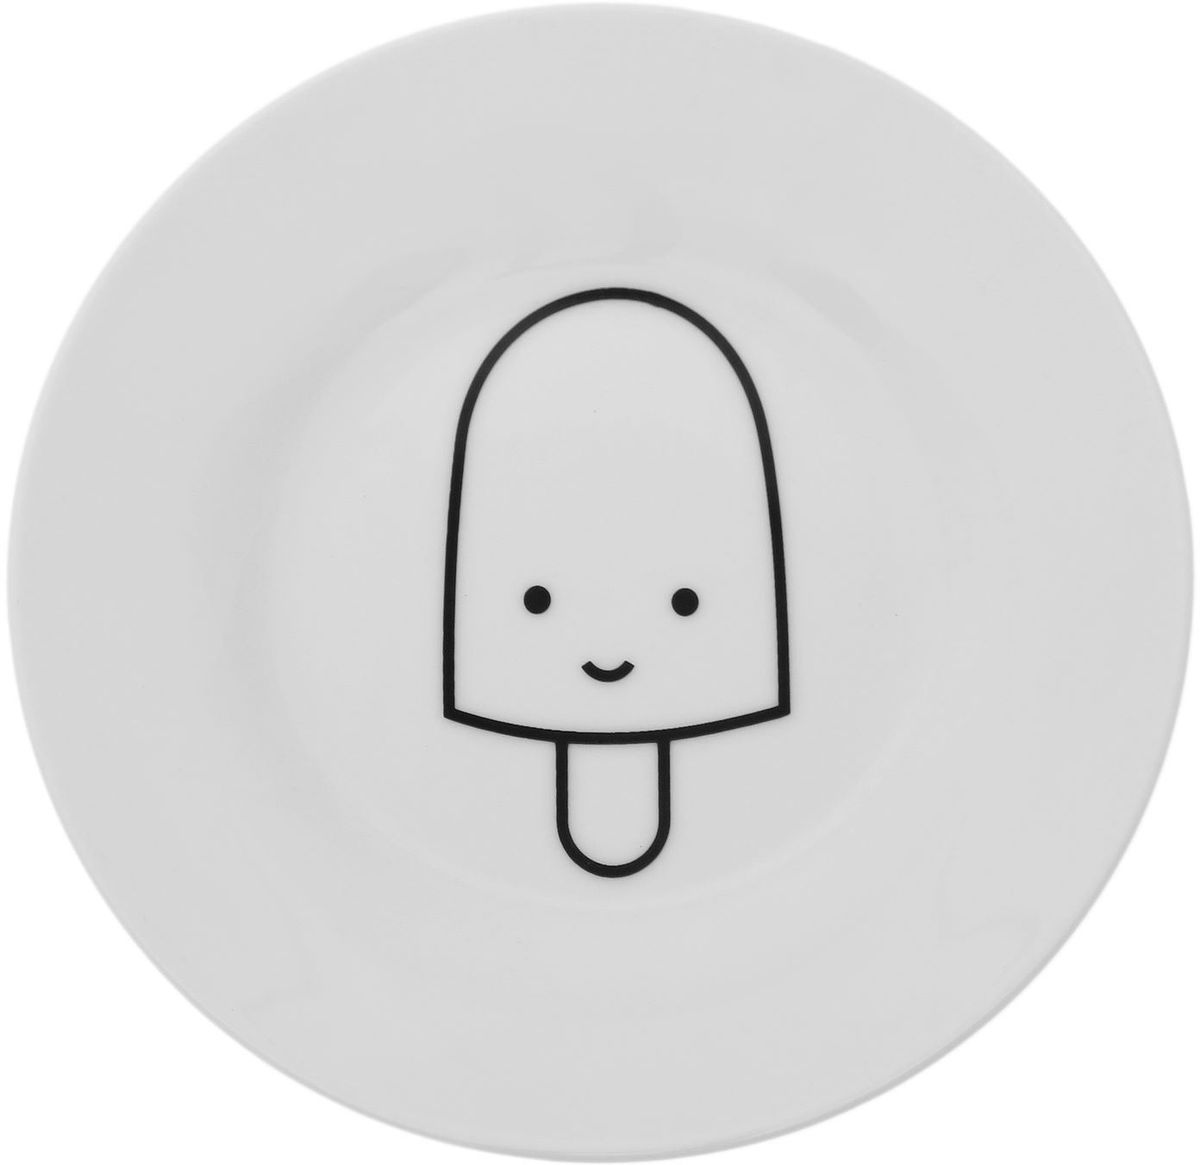 Тарелка мелкая Сотвори чудо My Little Ice Cream, диаметр 15,5 см115510Хотите обновить интерьер кухни или гостиной? Устраиваете необычную фотосессию или тематический праздник? А может, просто ищете подарок для близкого человека? Посуда Сотвори Чудо — правильный выбор в любой ситуации. Тарелка Сотвори Чудо, изготовленная из изящного фаянса нежного сливочного цвета, оформлена оригинальным рисунком со стойкой краской. Пригодна для посудомоечной машины.